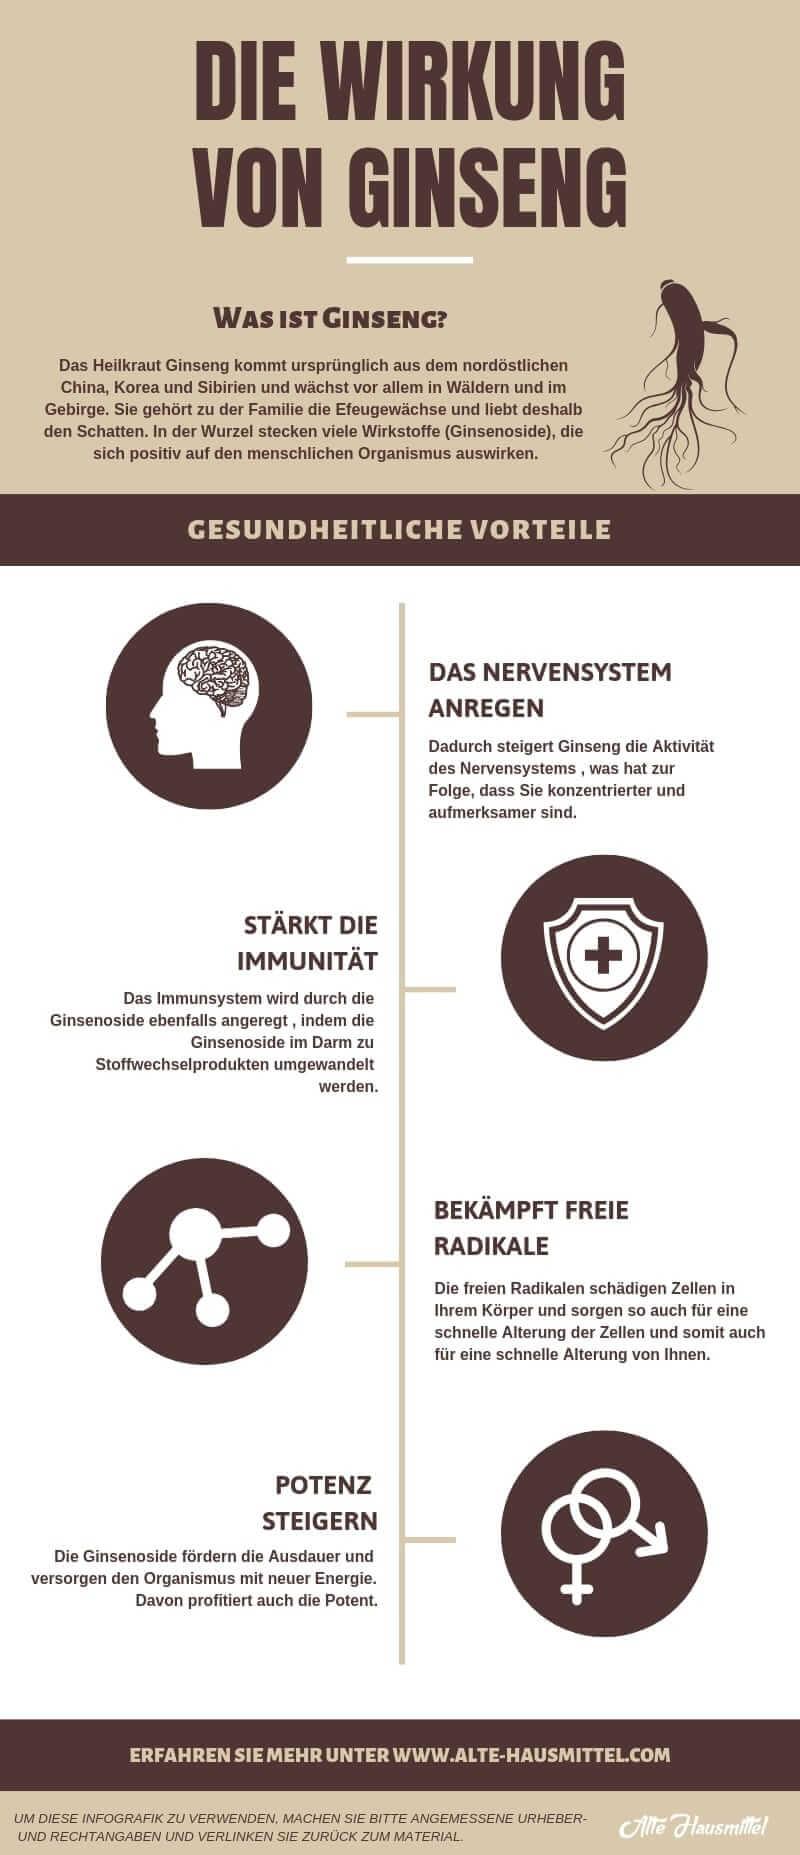 Infografik über die Wirkung von Ginseng